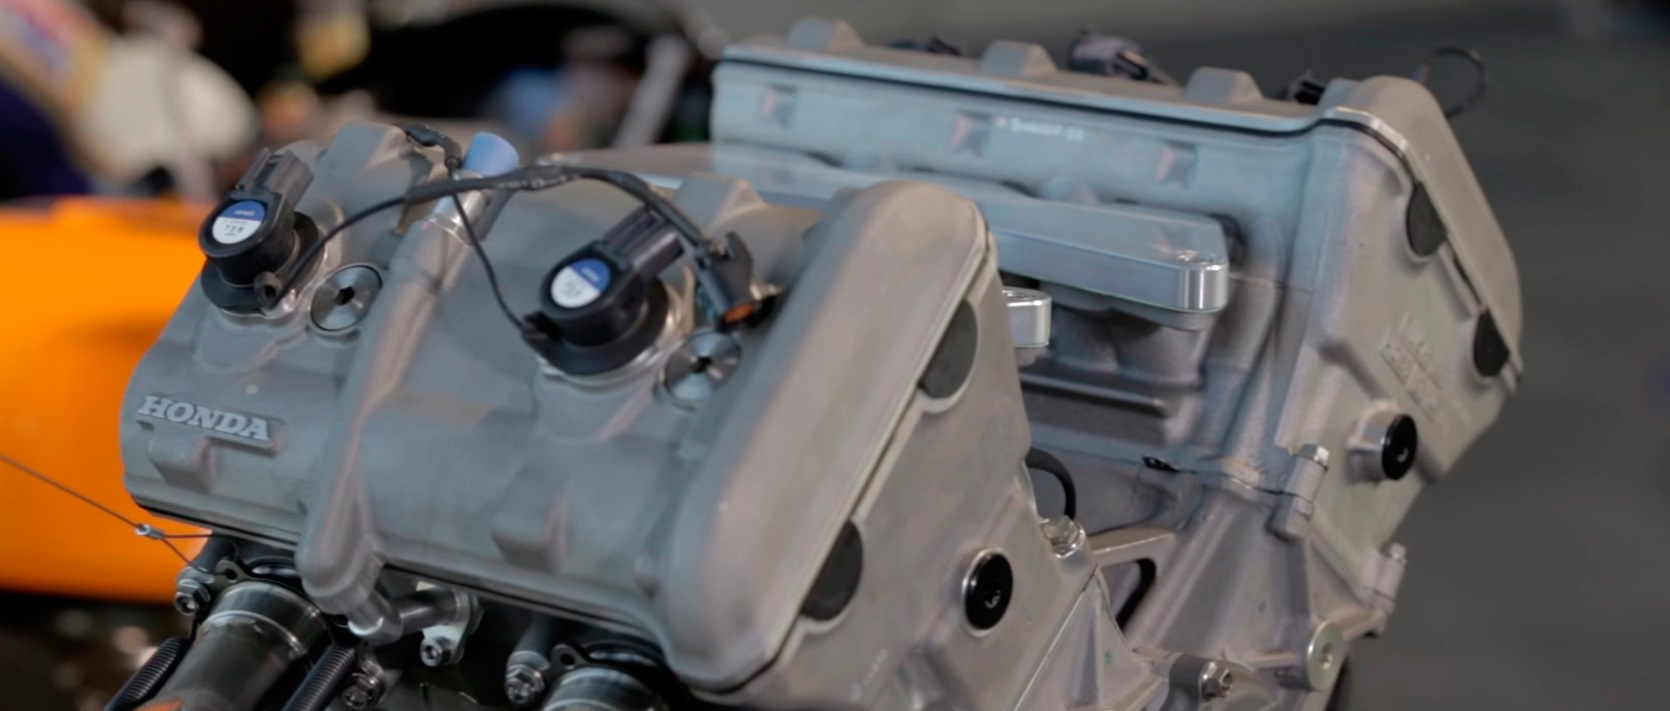 Motor Honda de competición